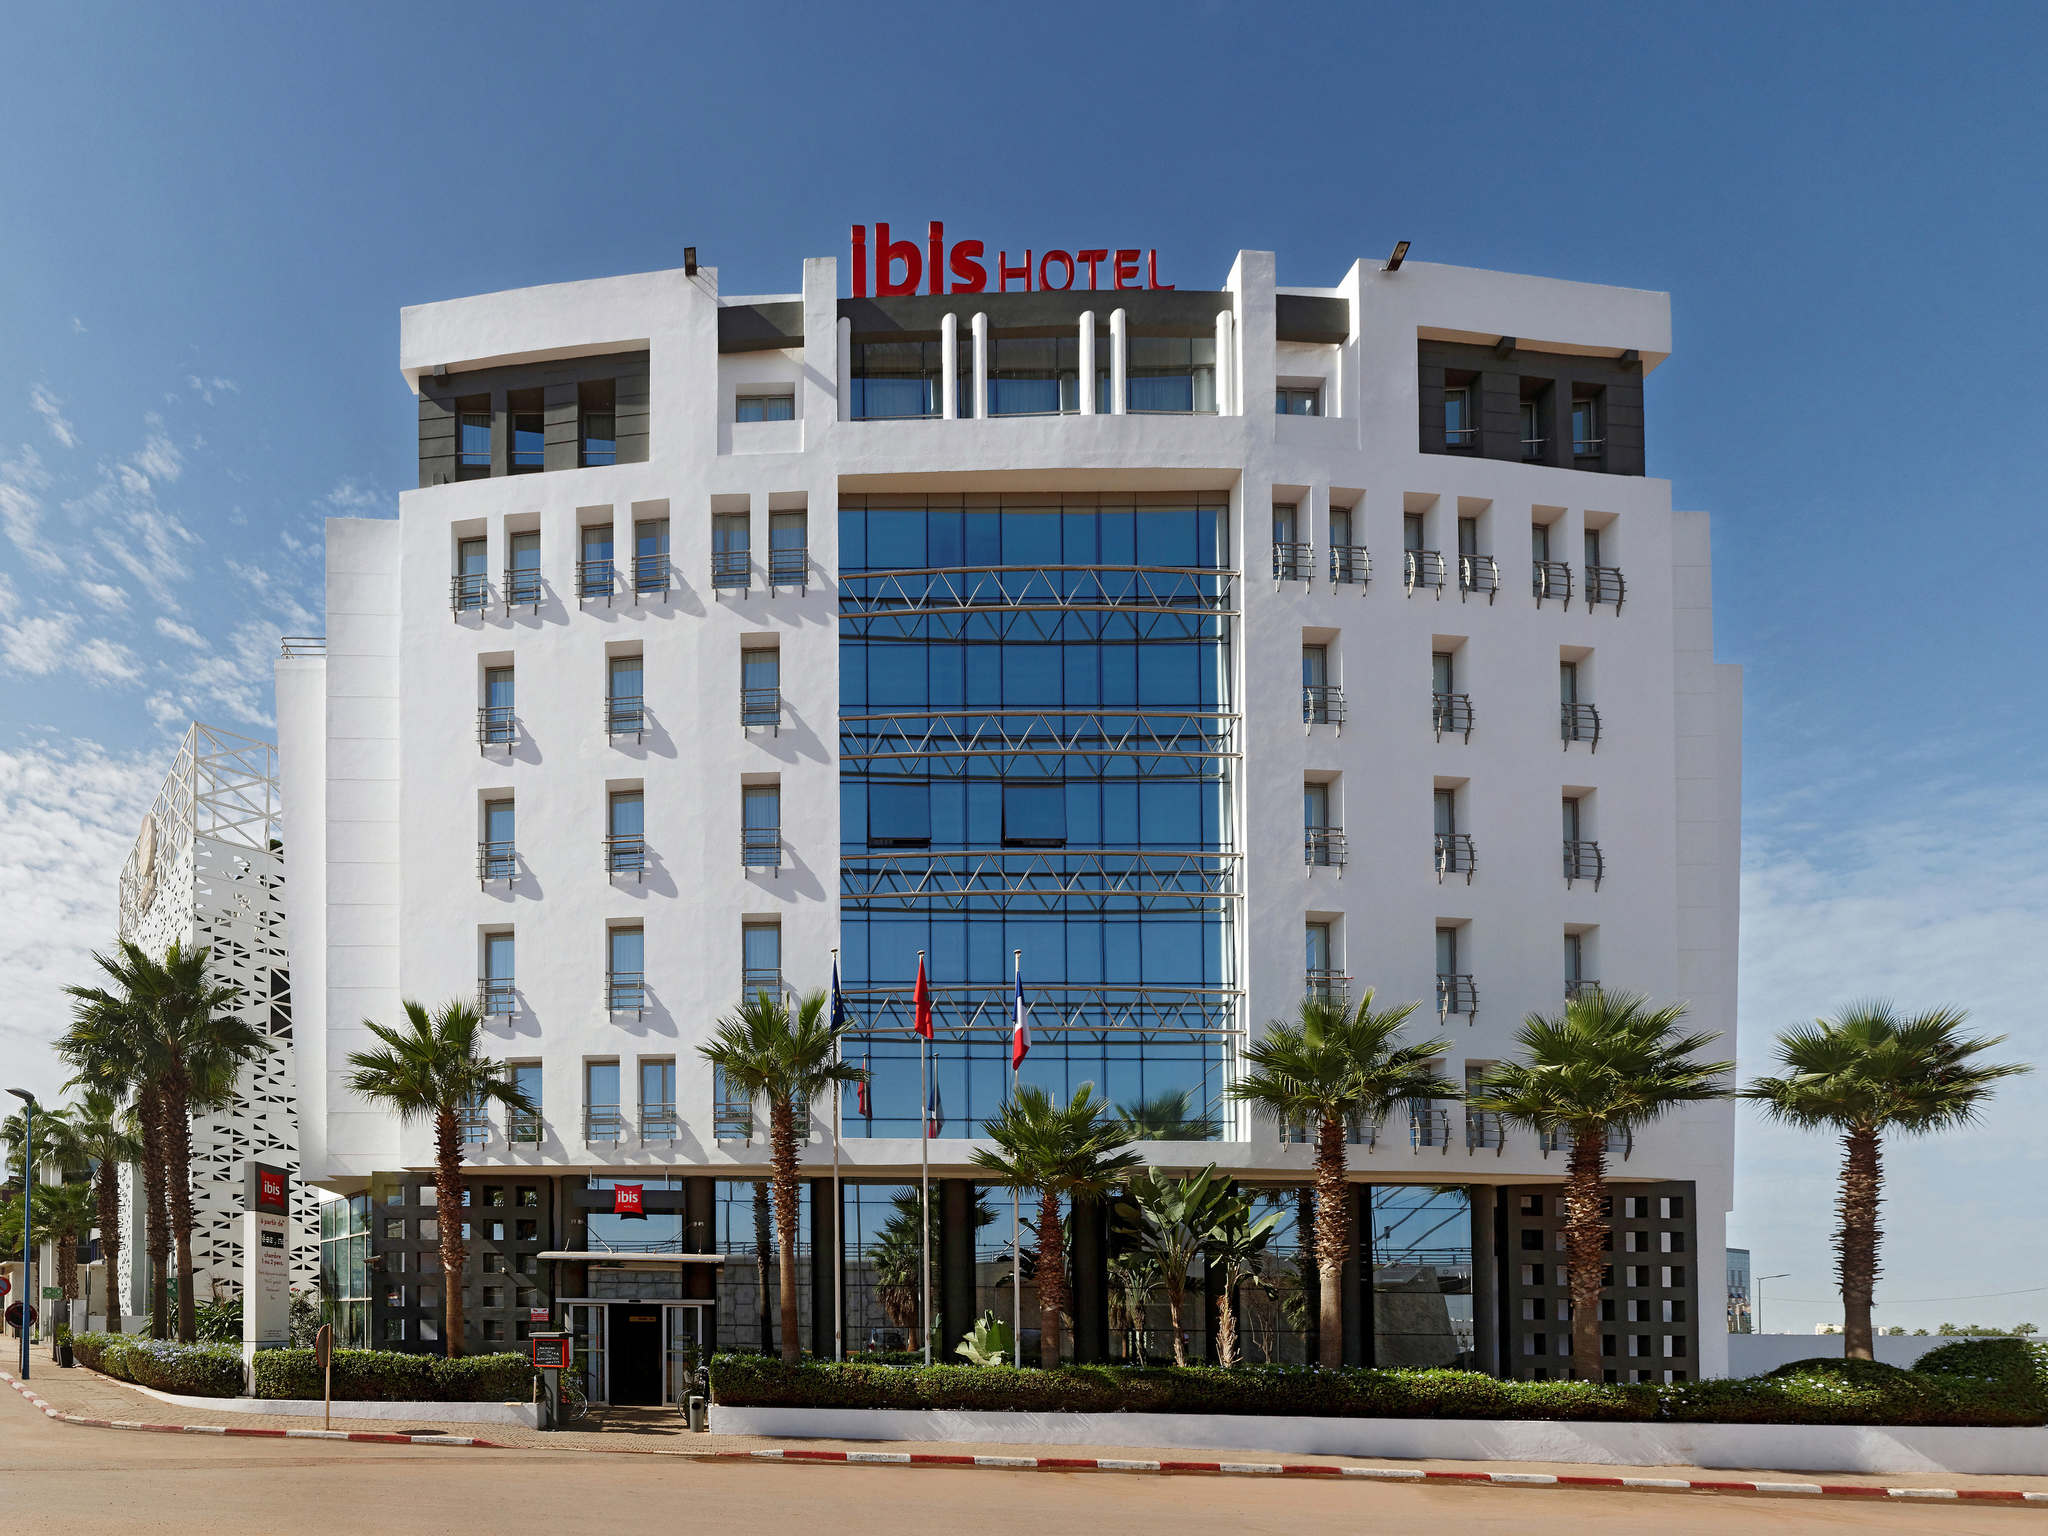 ホテル – イビス カサブランカ シディ マルーフ